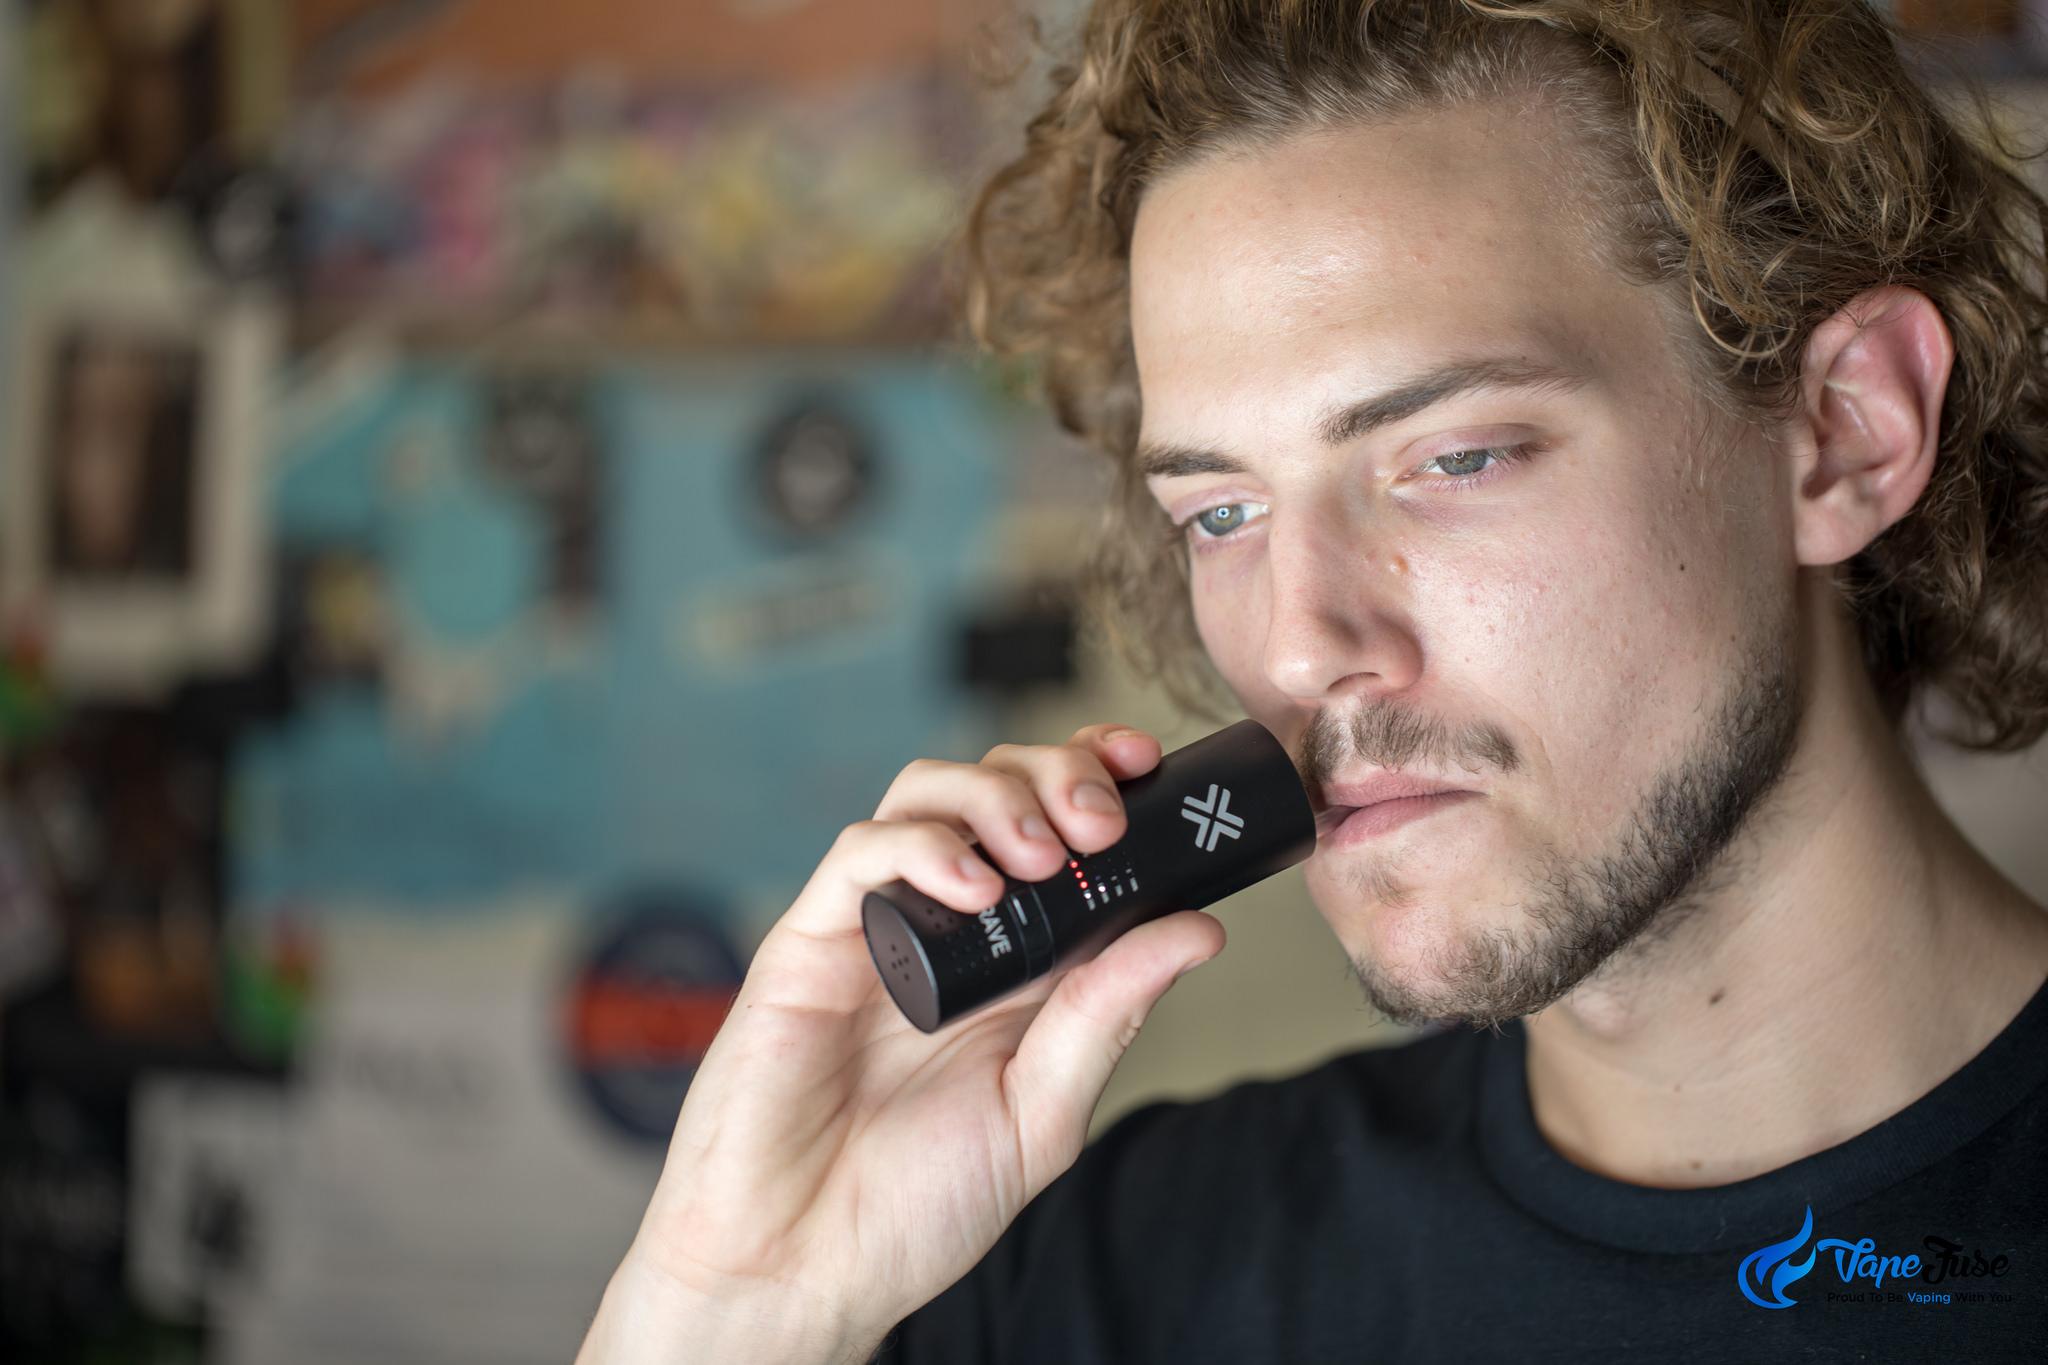 Matt using a Portable Vaporizer